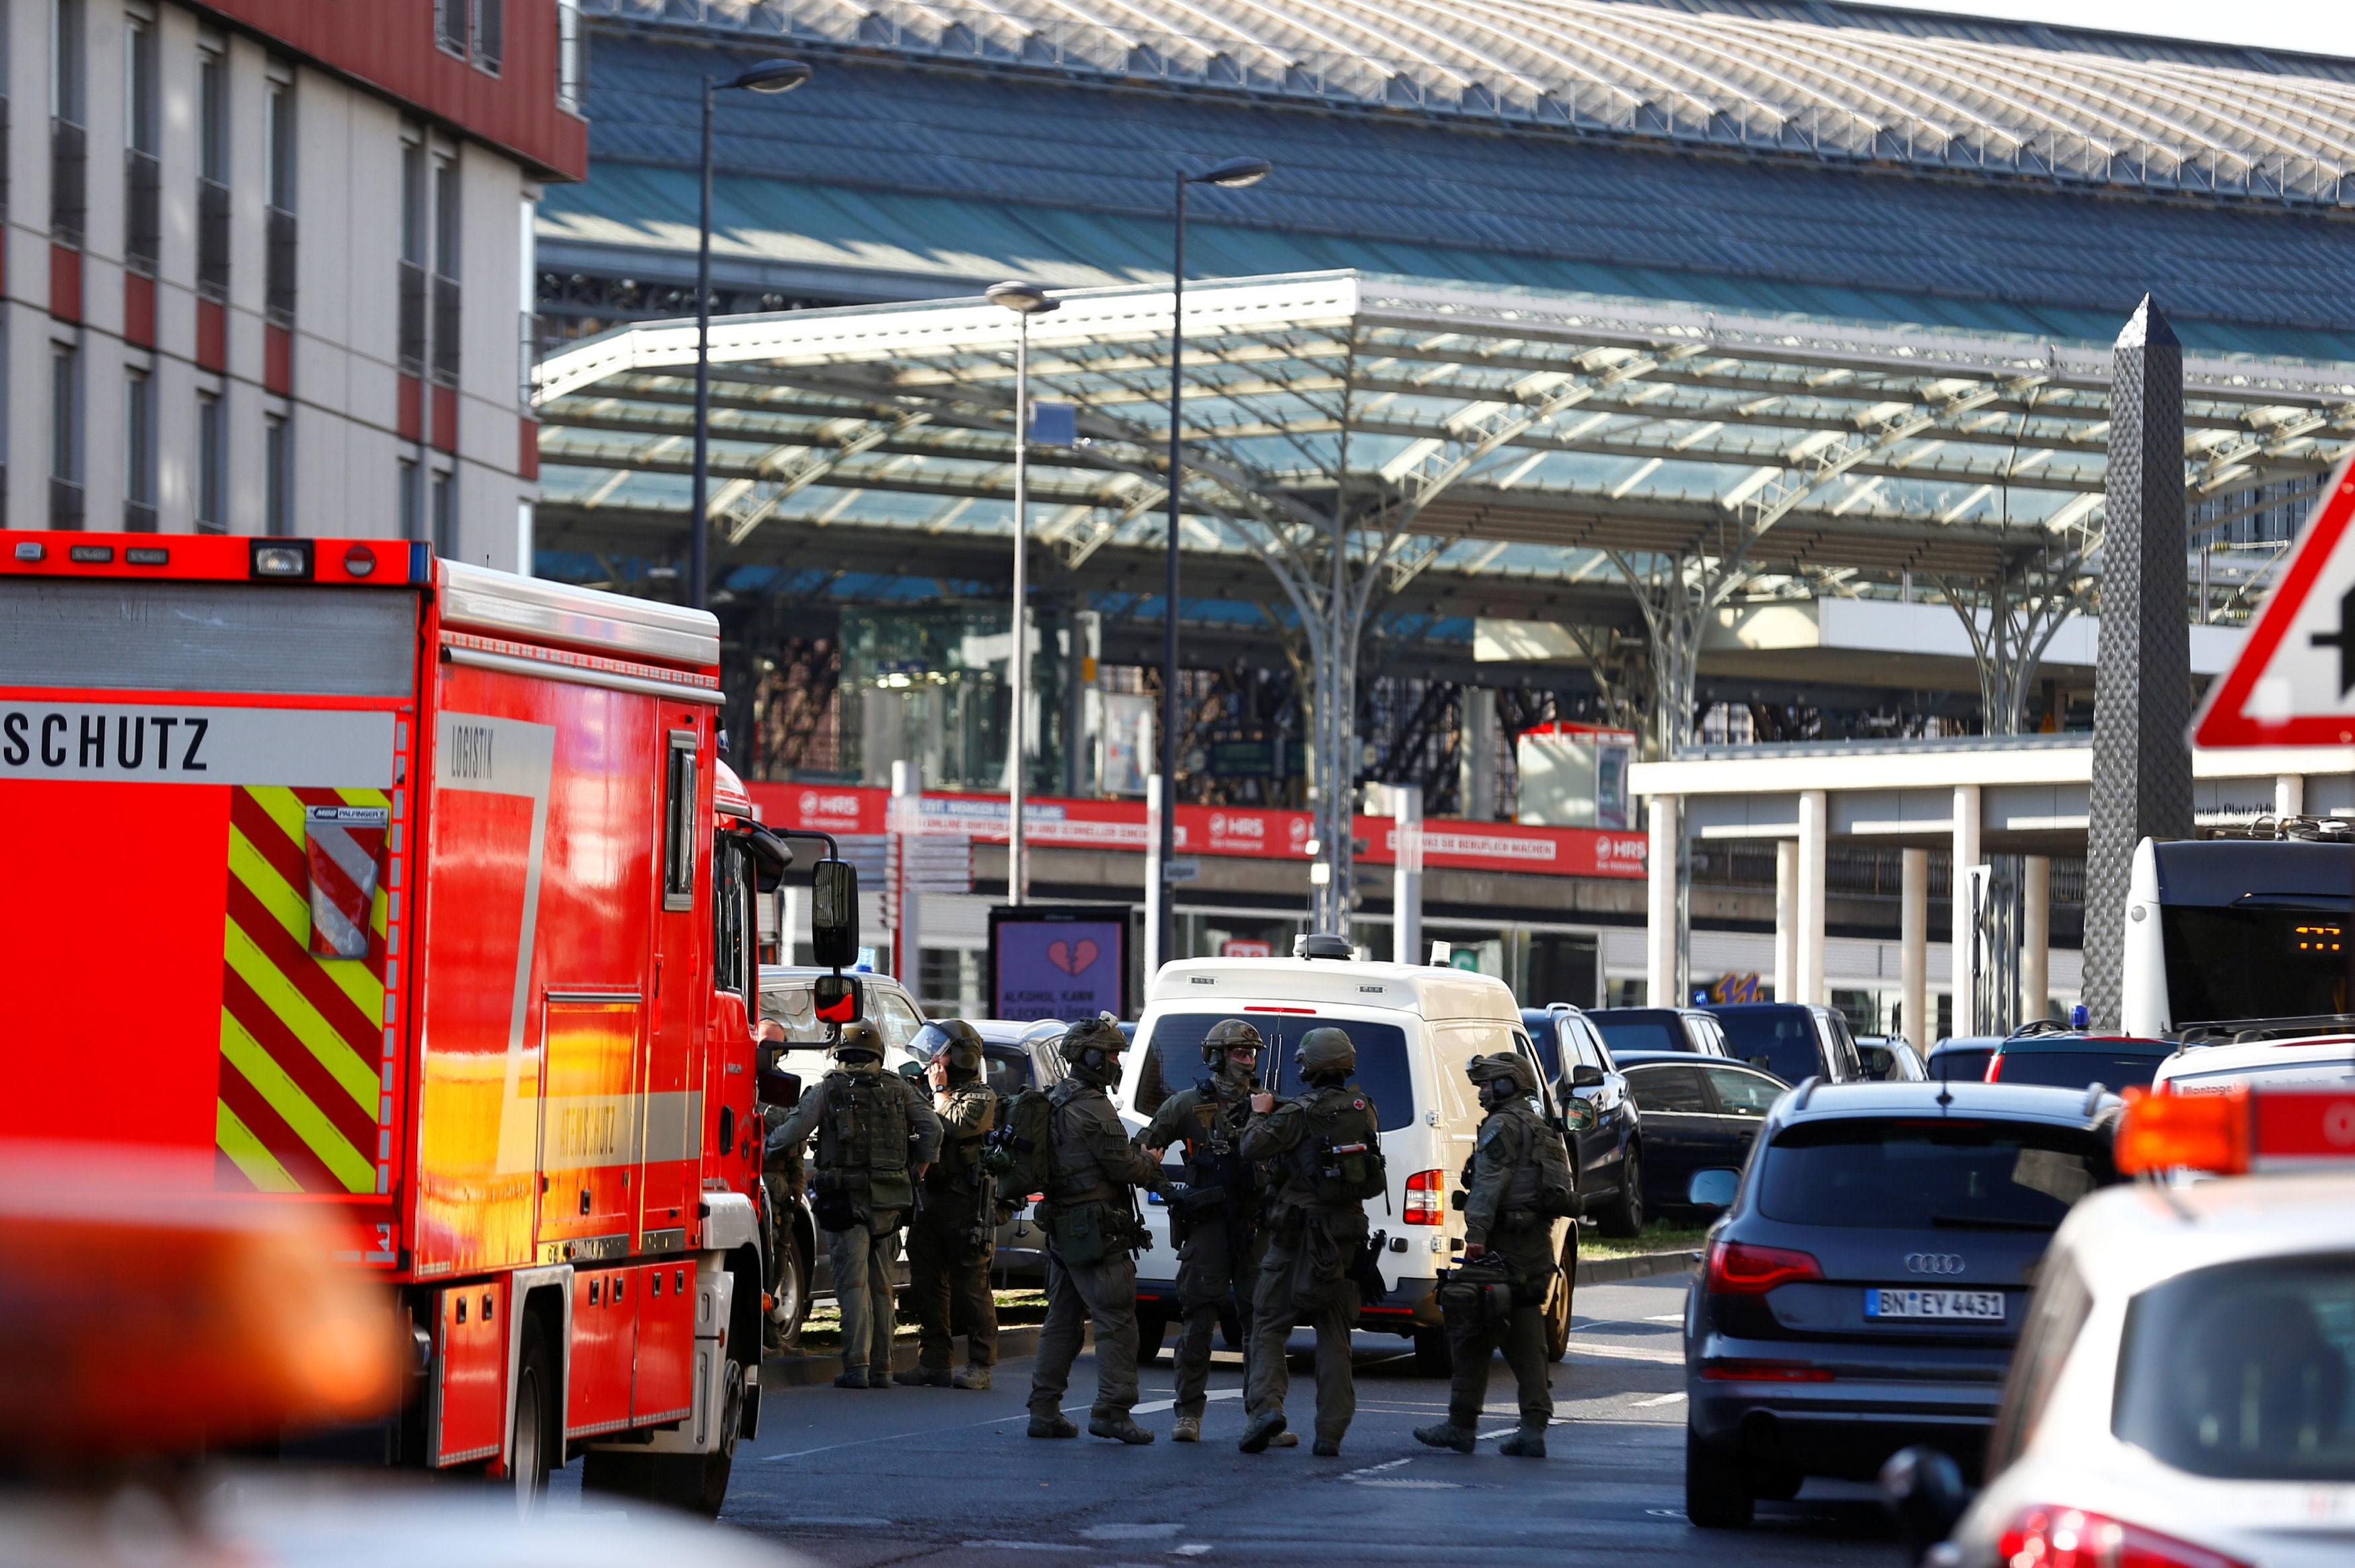 Polícia liberta refém em estação de trem de Colônia, na Alemanha